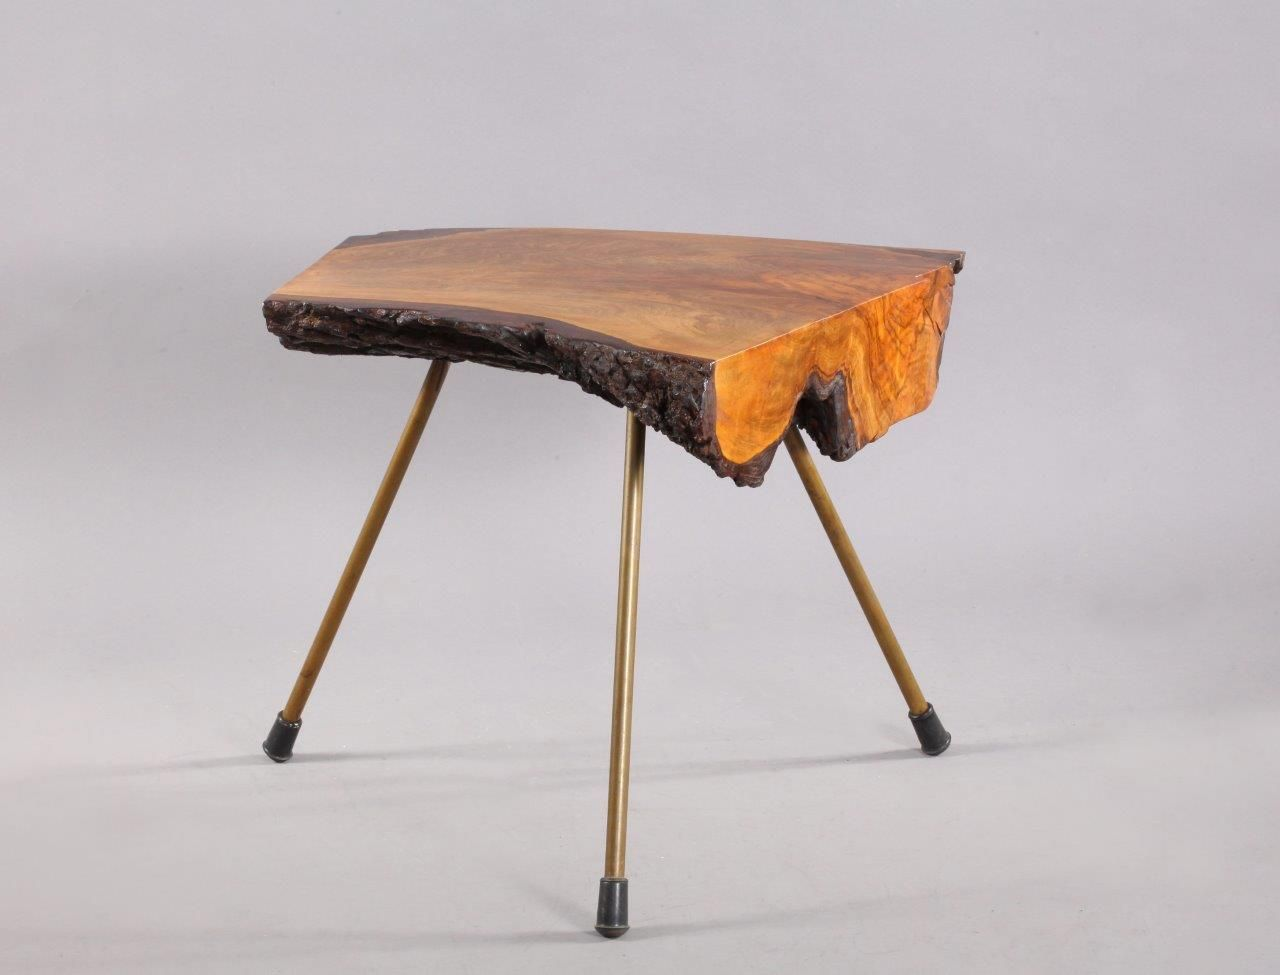 table tronc d 39 arbre par carl aub ck 1950s en vente sur pamono. Black Bedroom Furniture Sets. Home Design Ideas